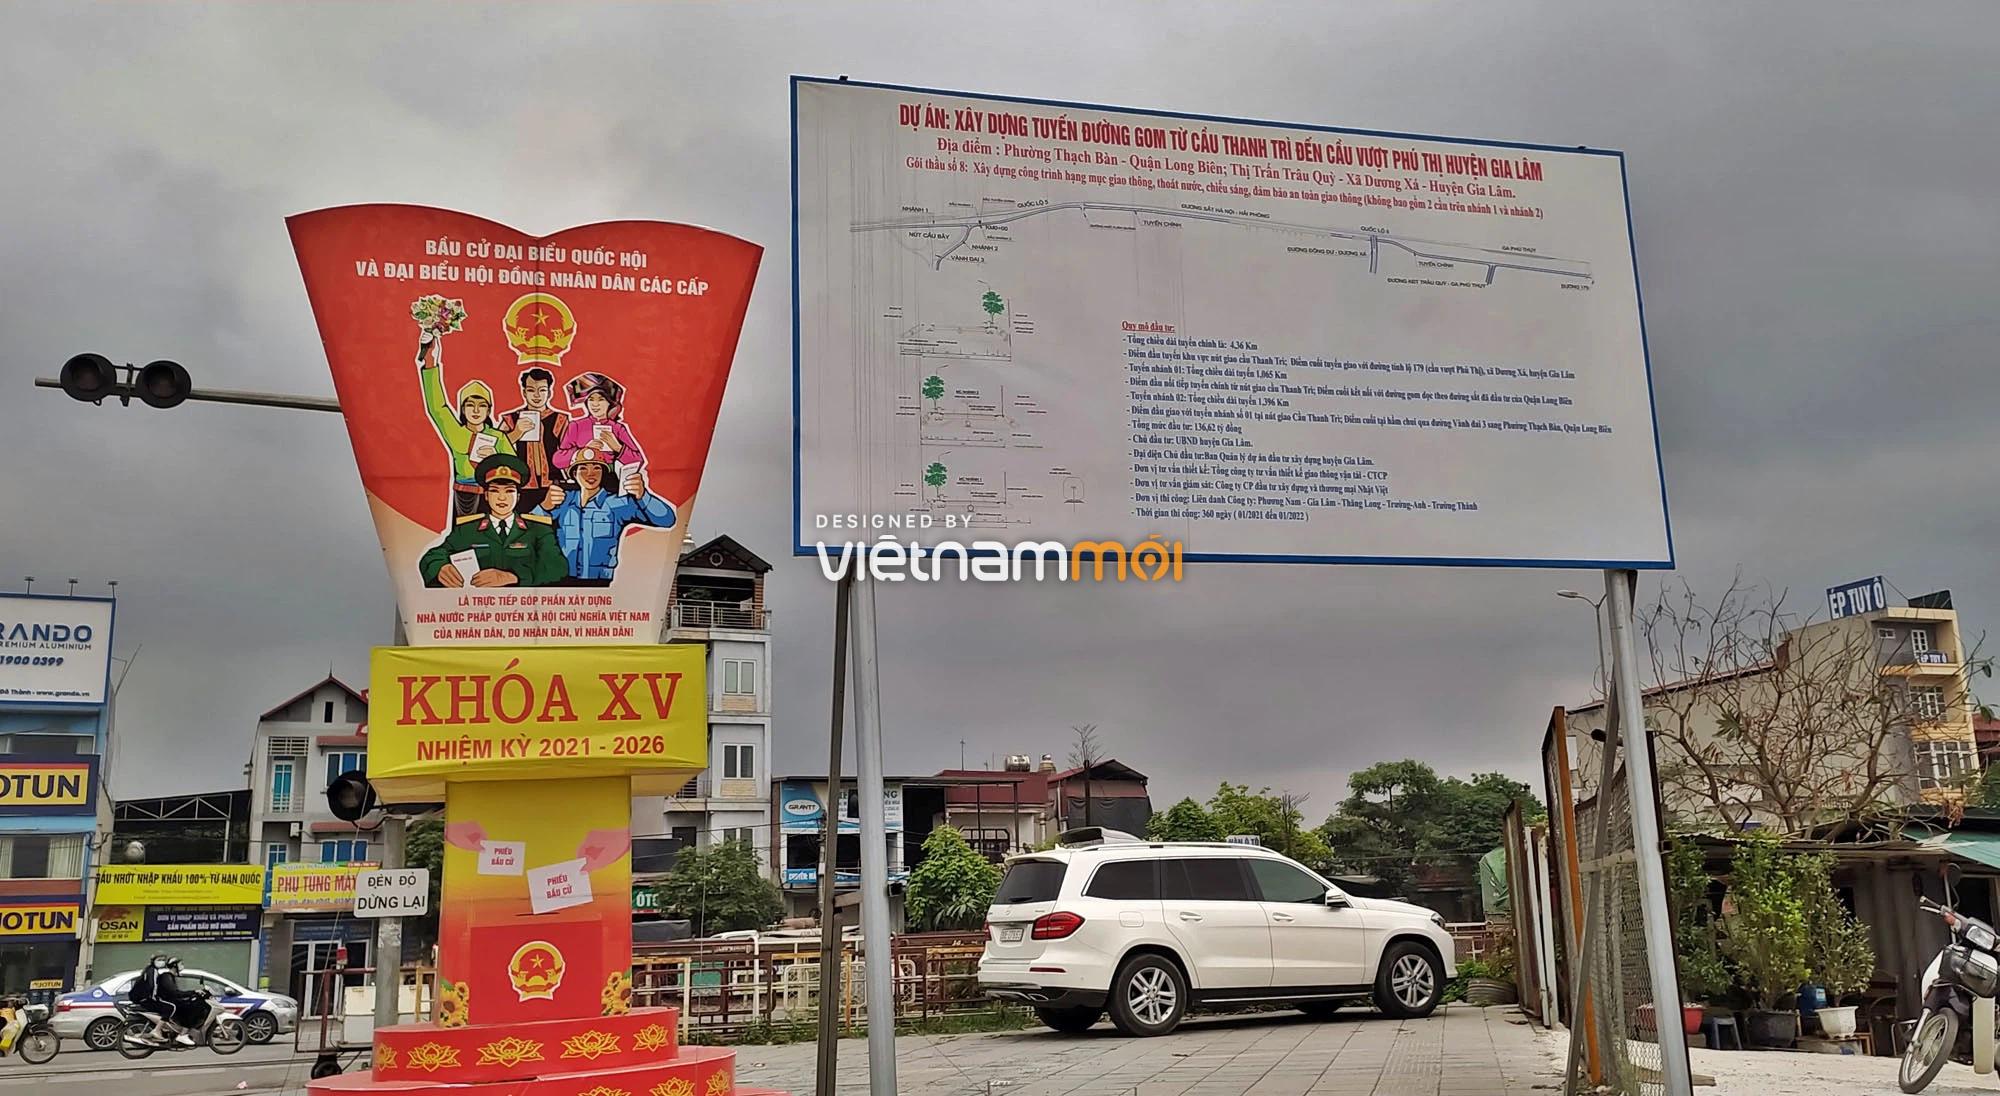 Toàn cảnh tuyến đường gom từ cầu Thanh Trì đến cầu vượt Phú Thị đang mở theo quy hoạch ở Hà Nội - Ảnh 6.